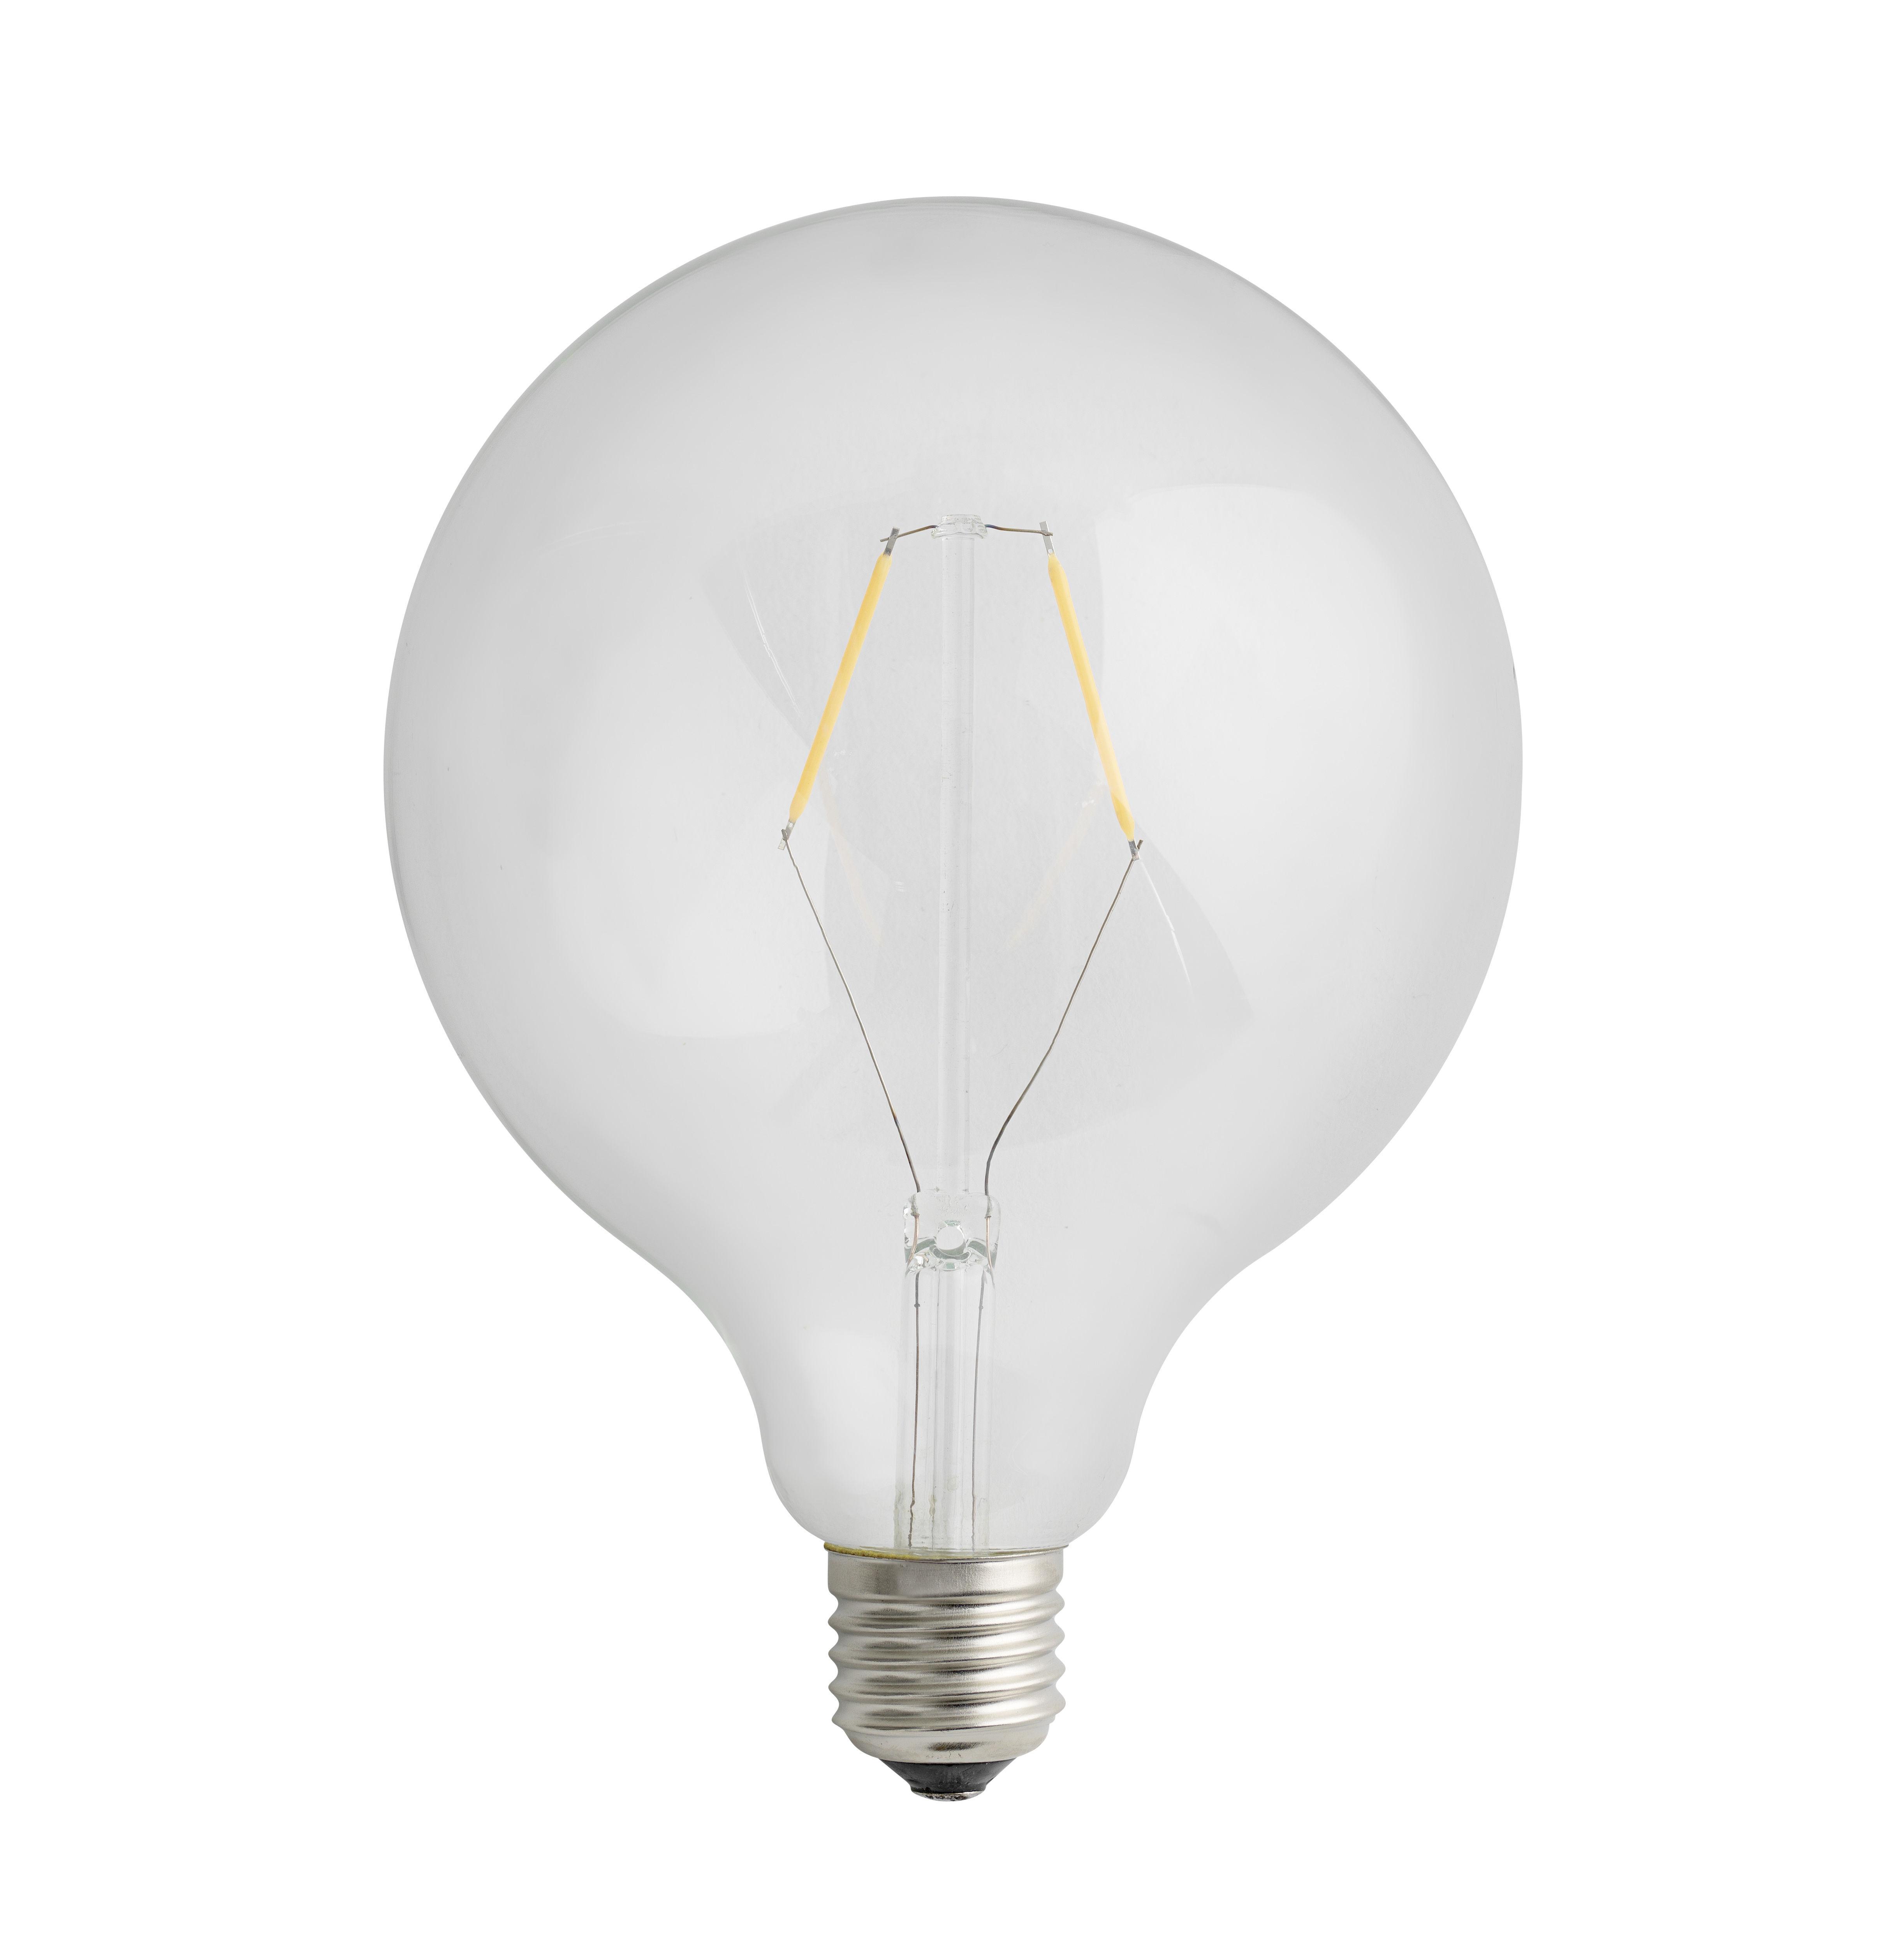 Illuminazione - Lampadine e Accessori - Lampadina LED a filamenti E27 / 2W - 220 lumen - Muuto - Lampadina LED - Vetro